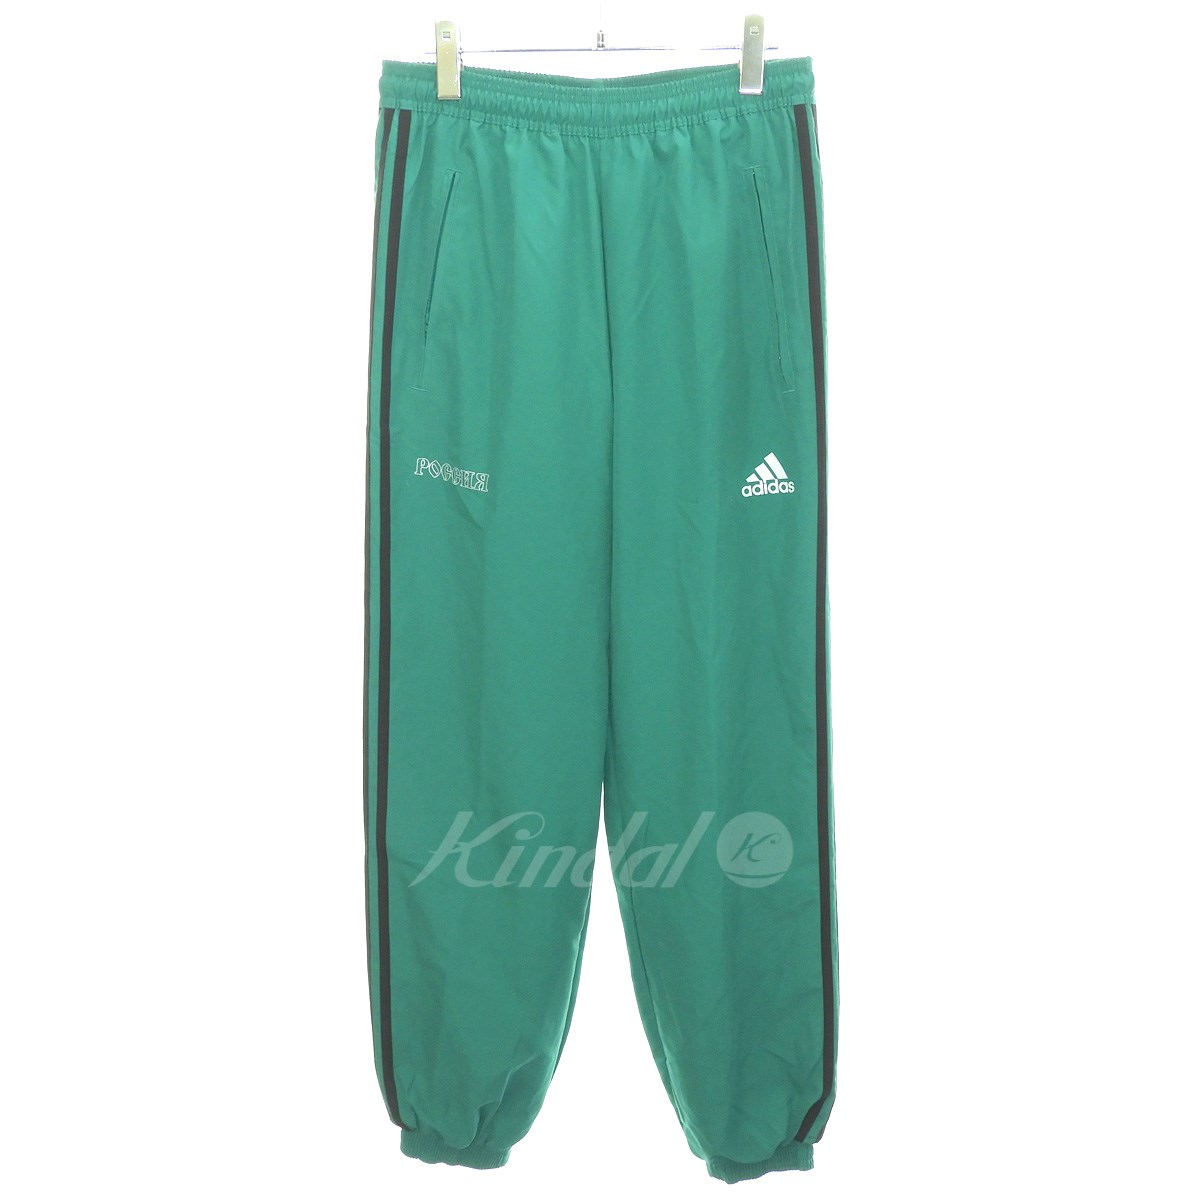 Garantizar para ver Increíble  gosha rubchinskiy x adidas sweat pant factory 9b150 c0ac5